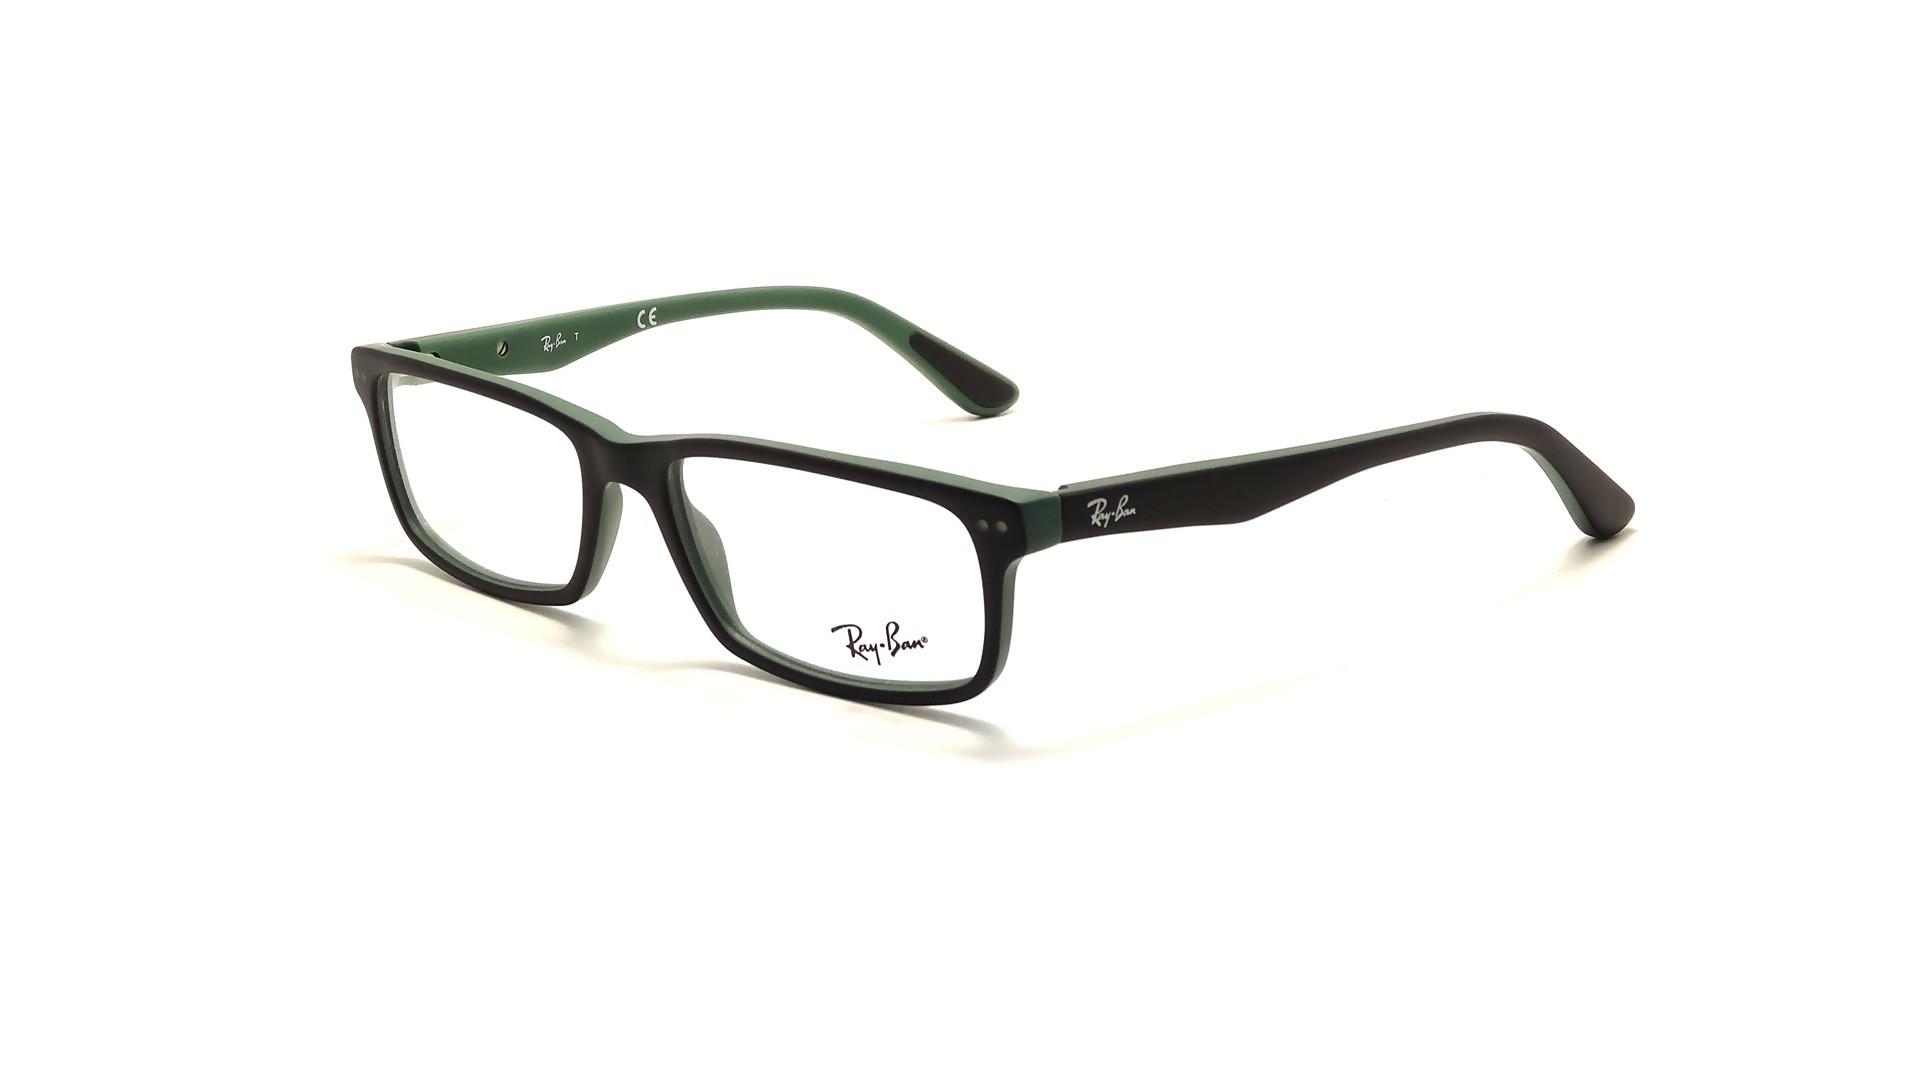 f4588cdf591 Ray Ban Matte Black Prescription Glasses